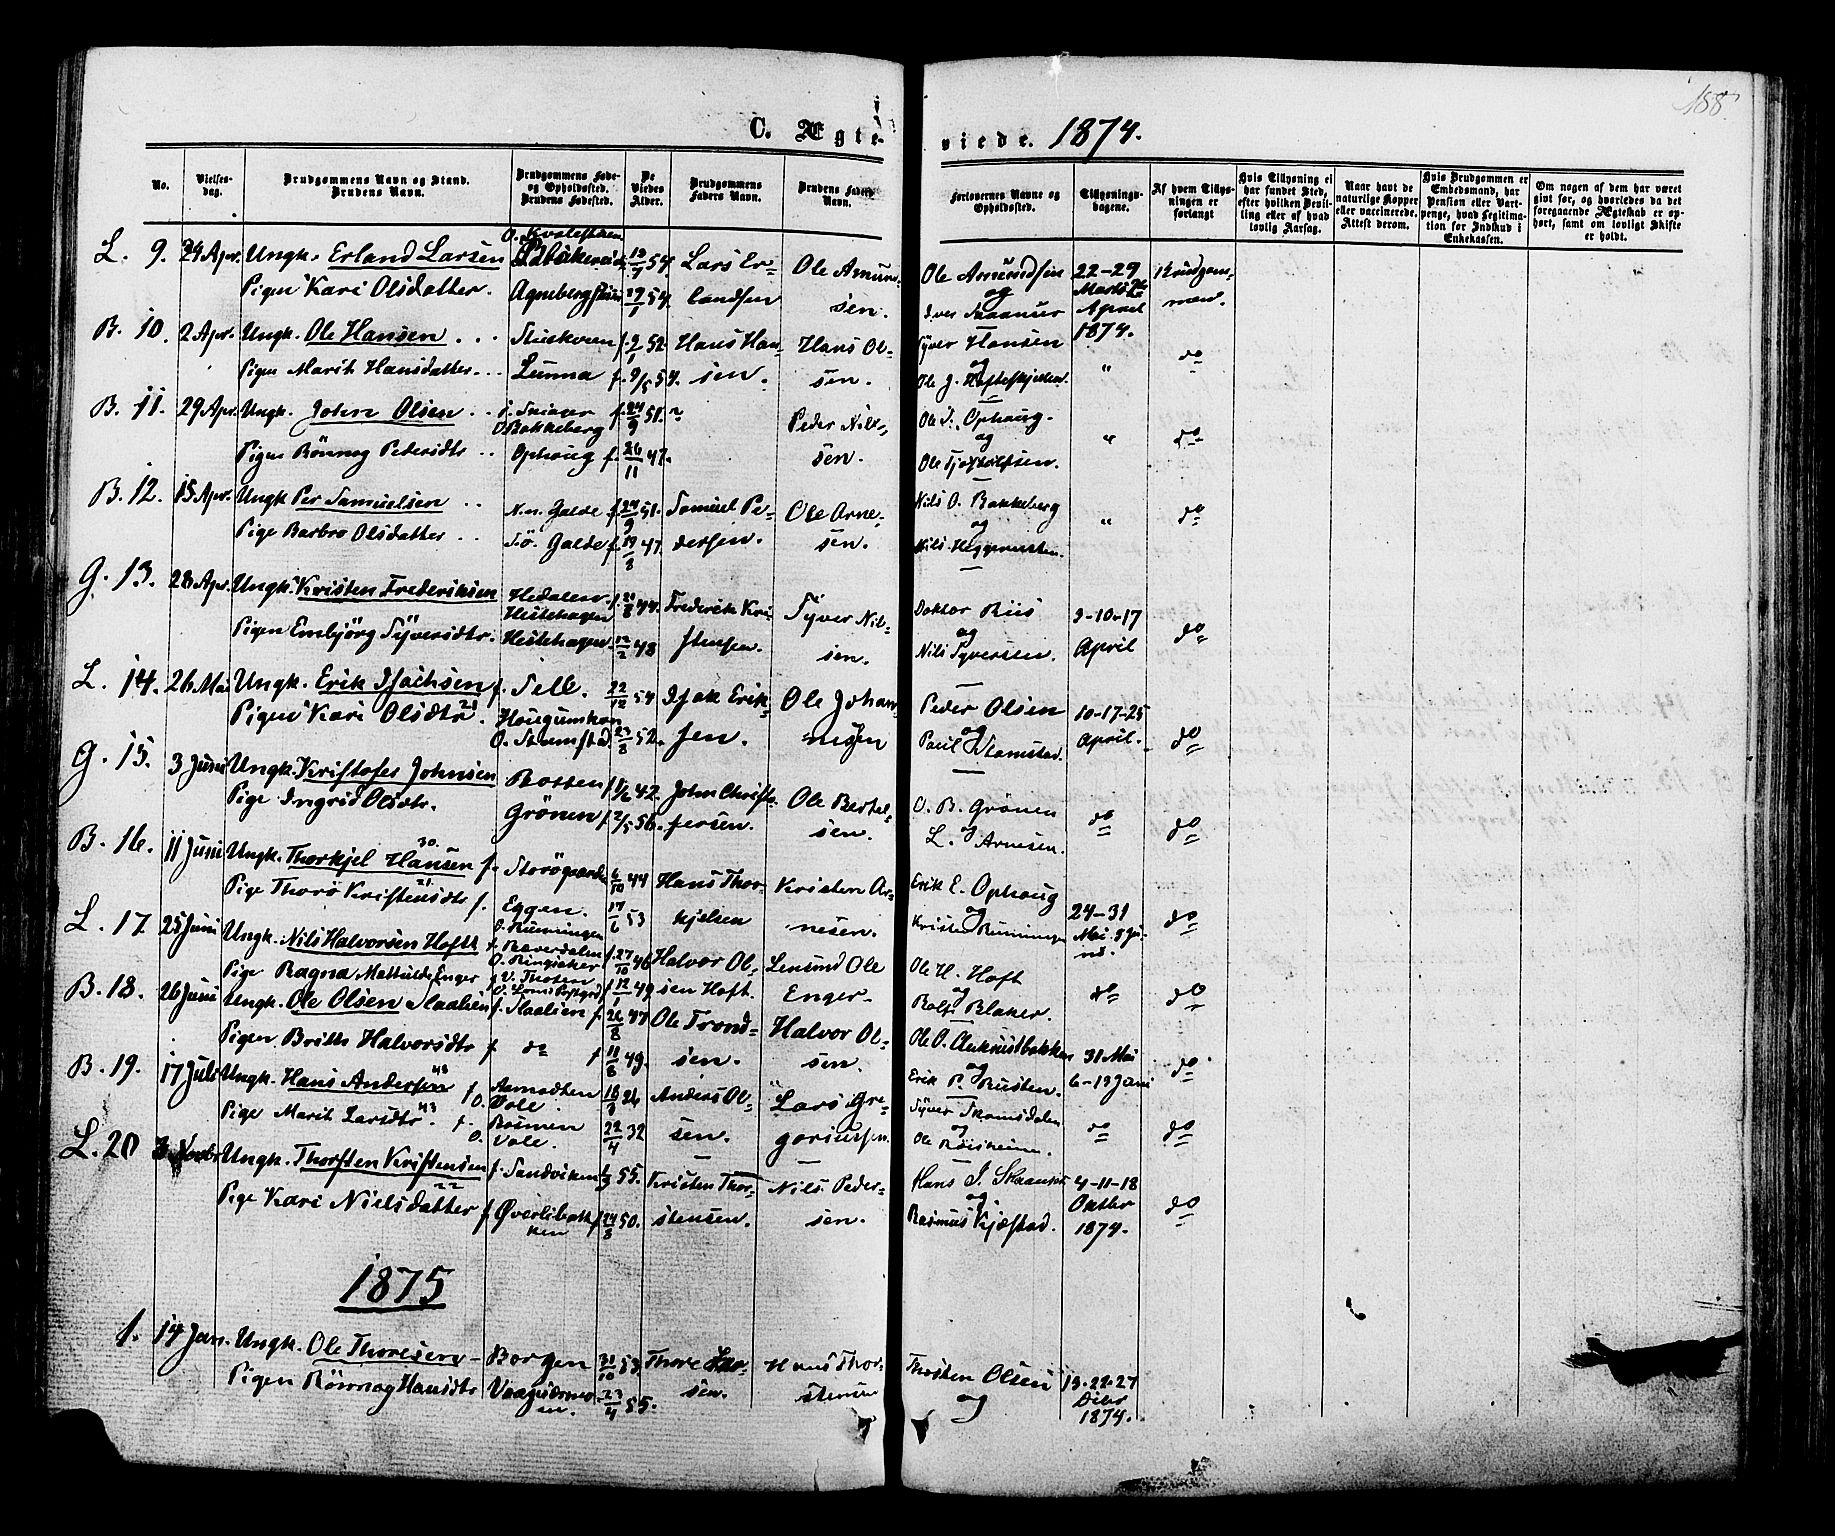 SAH, Lom prestekontor, K/L0007: Ministerialbok nr. 7, 1863-1884, s. 188